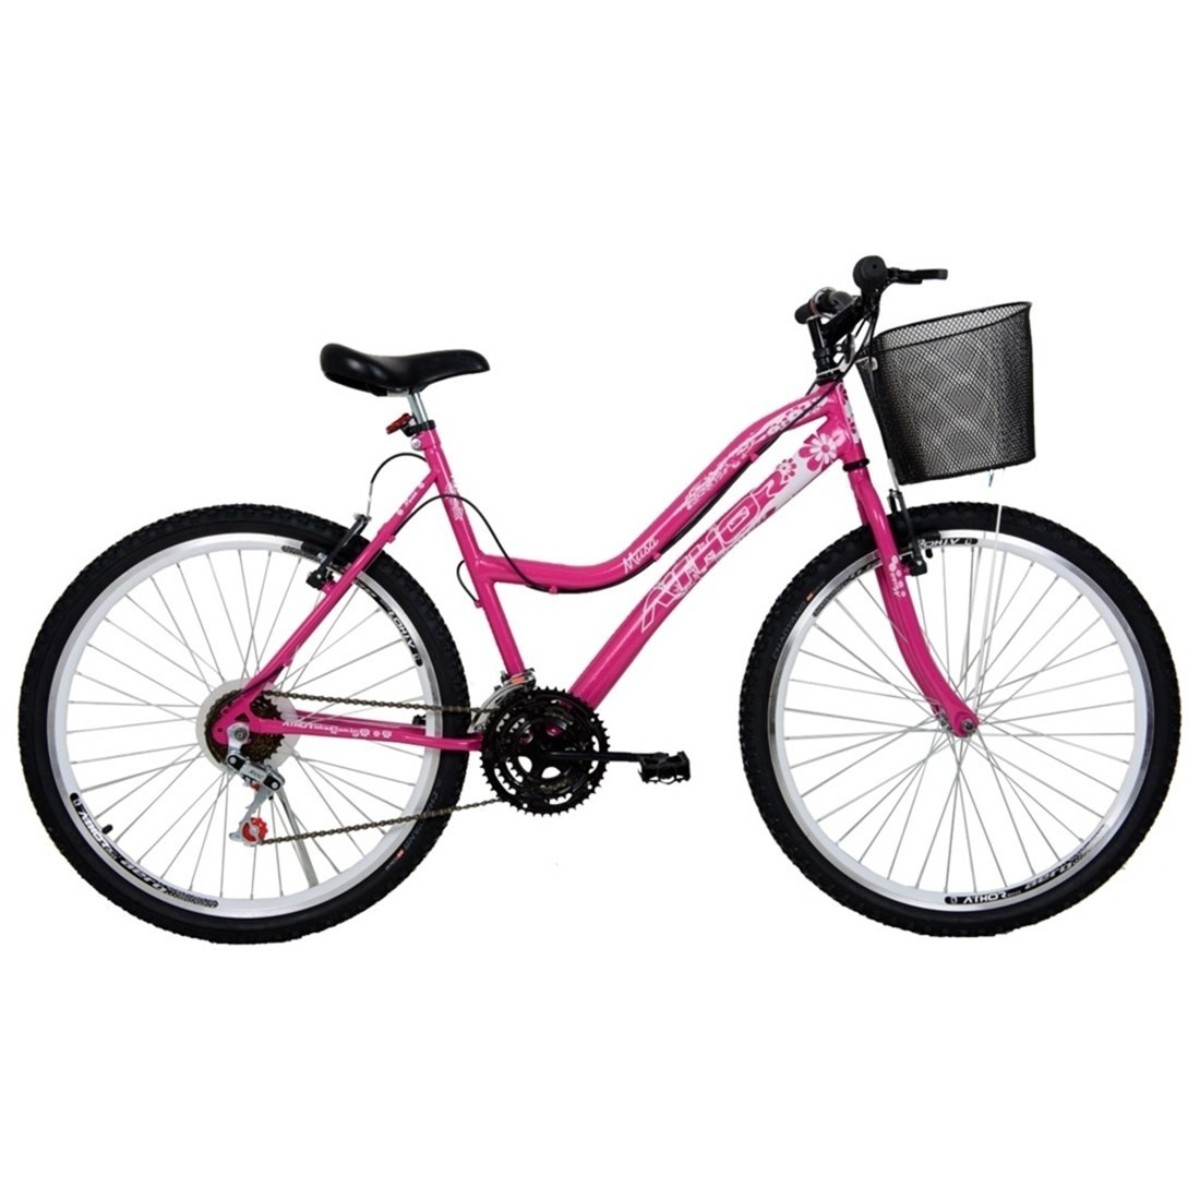 Bicicleta Athor Musa Infantil Aro 26 18v C/ Cesto Feminina